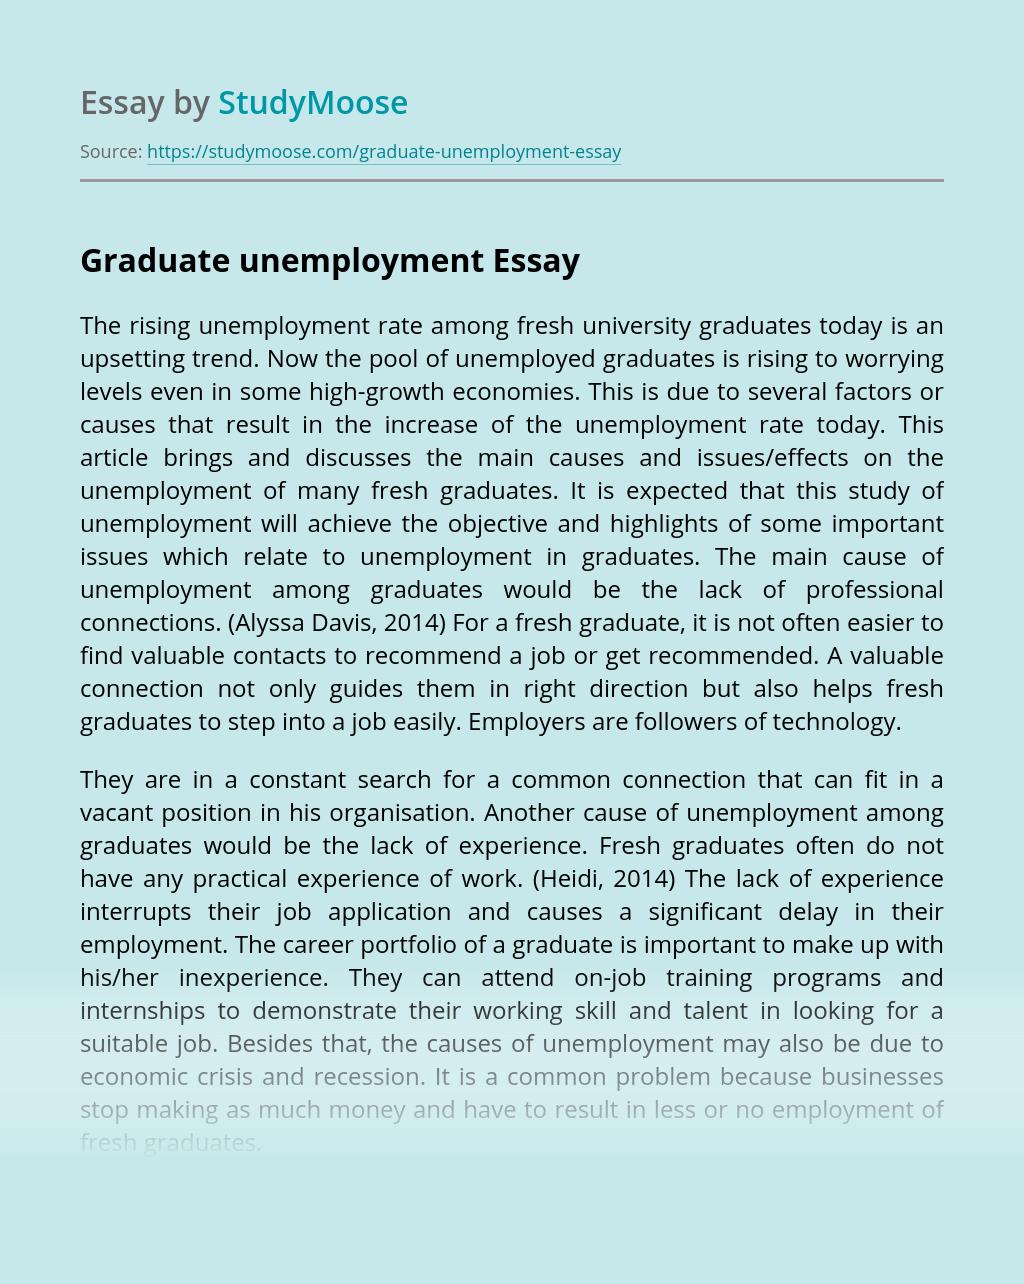 Graduate unemployment